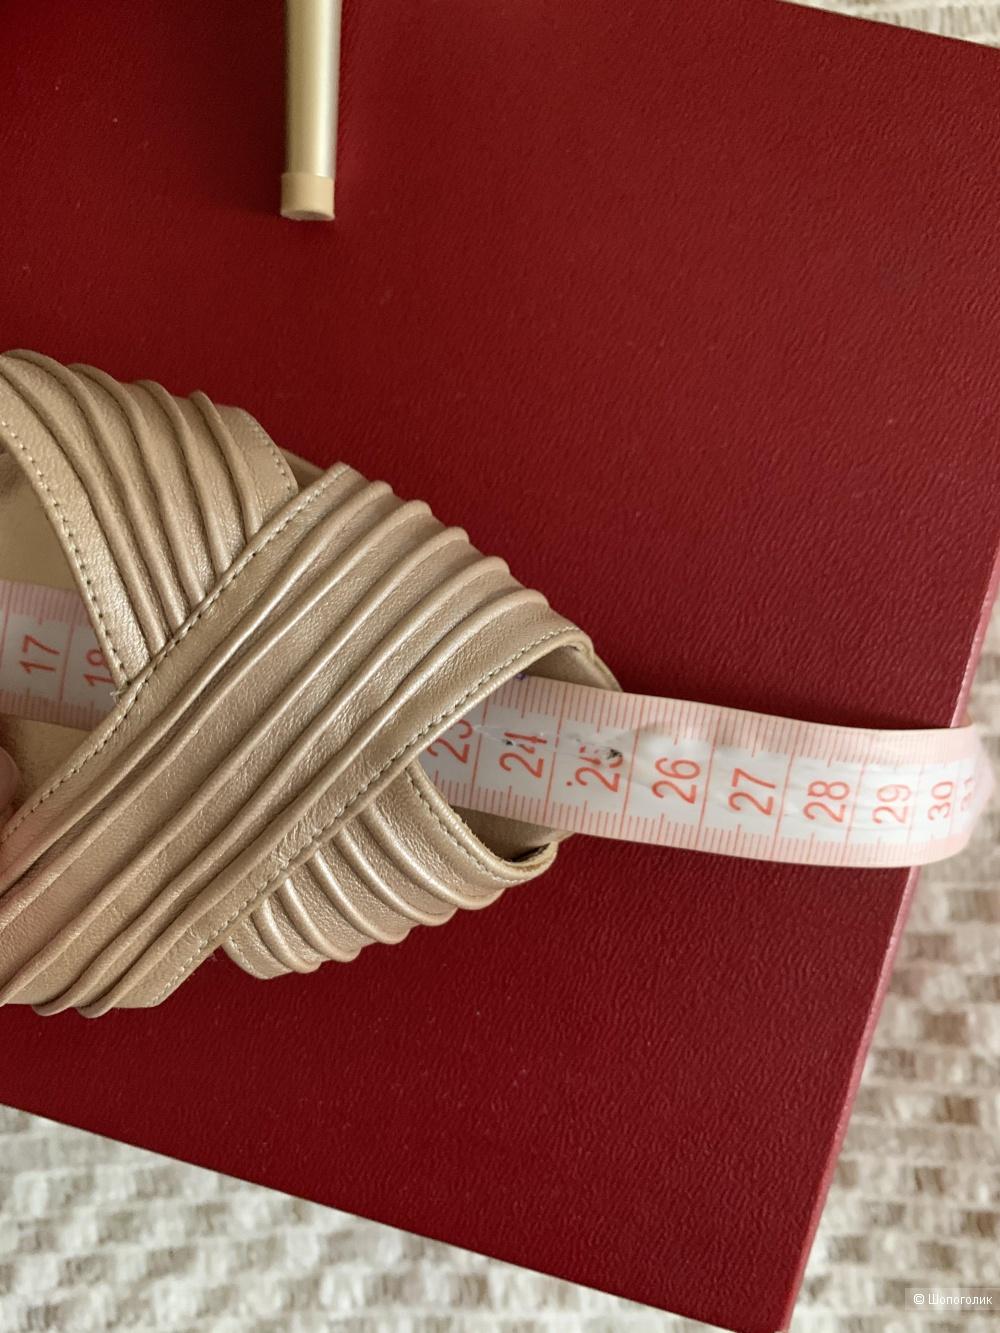 Босоножки Salvatore Ferragamo, размер 7,5 (38)